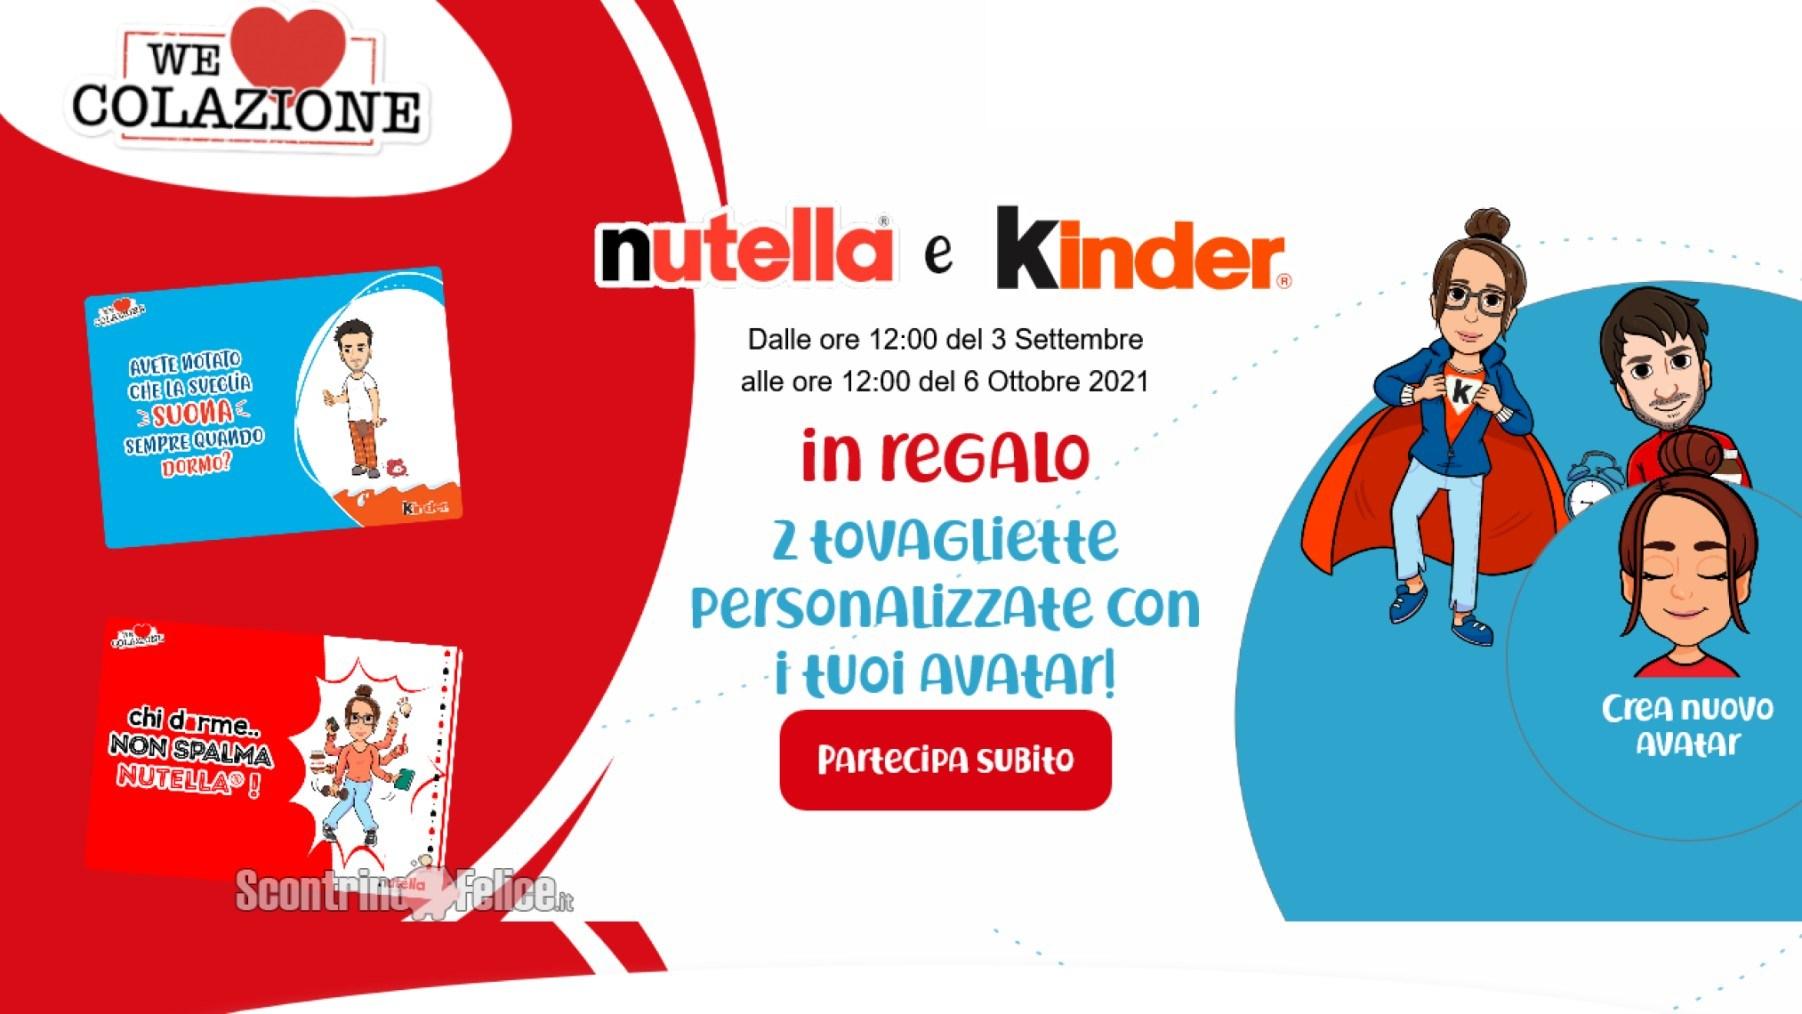 """Nutella """"We Love Colazione"""" 2021: ricevi 2 tovagliette personalizzate come premio certo"""